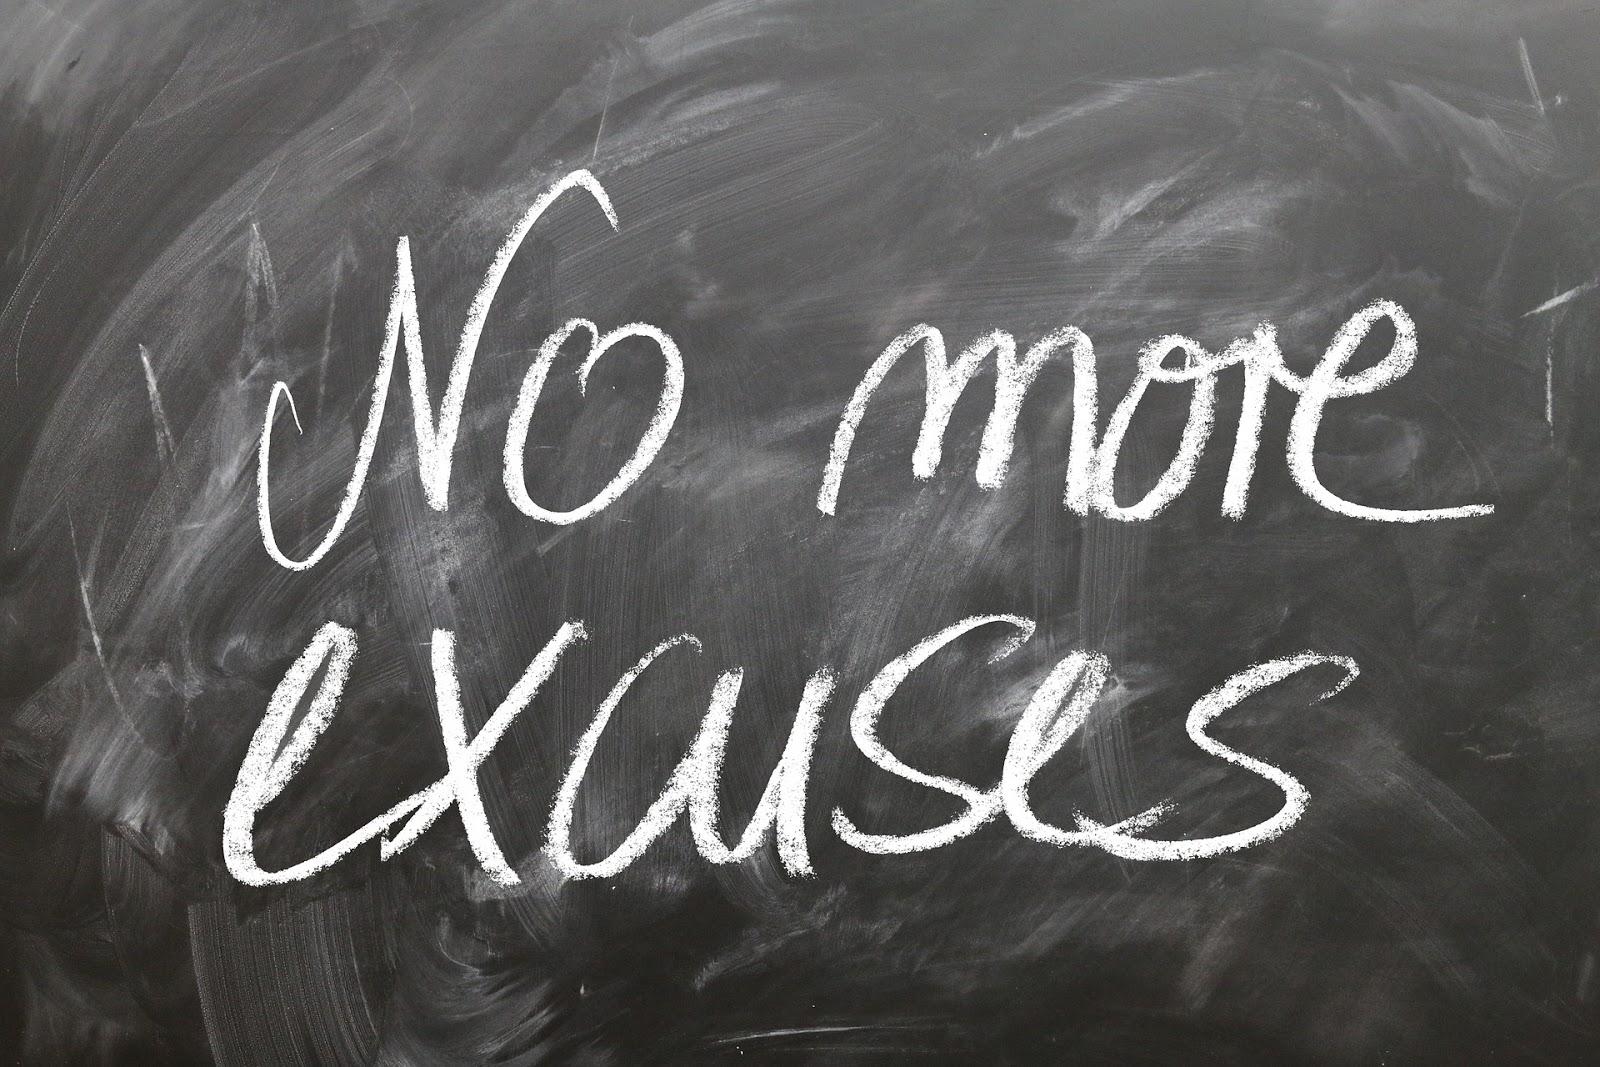 ನೆಪಗಳನ್ನು ಹೇಳುವುದನ್ನು ನಿಲ್ಲಿಸಿ : Stop Giving Excuses